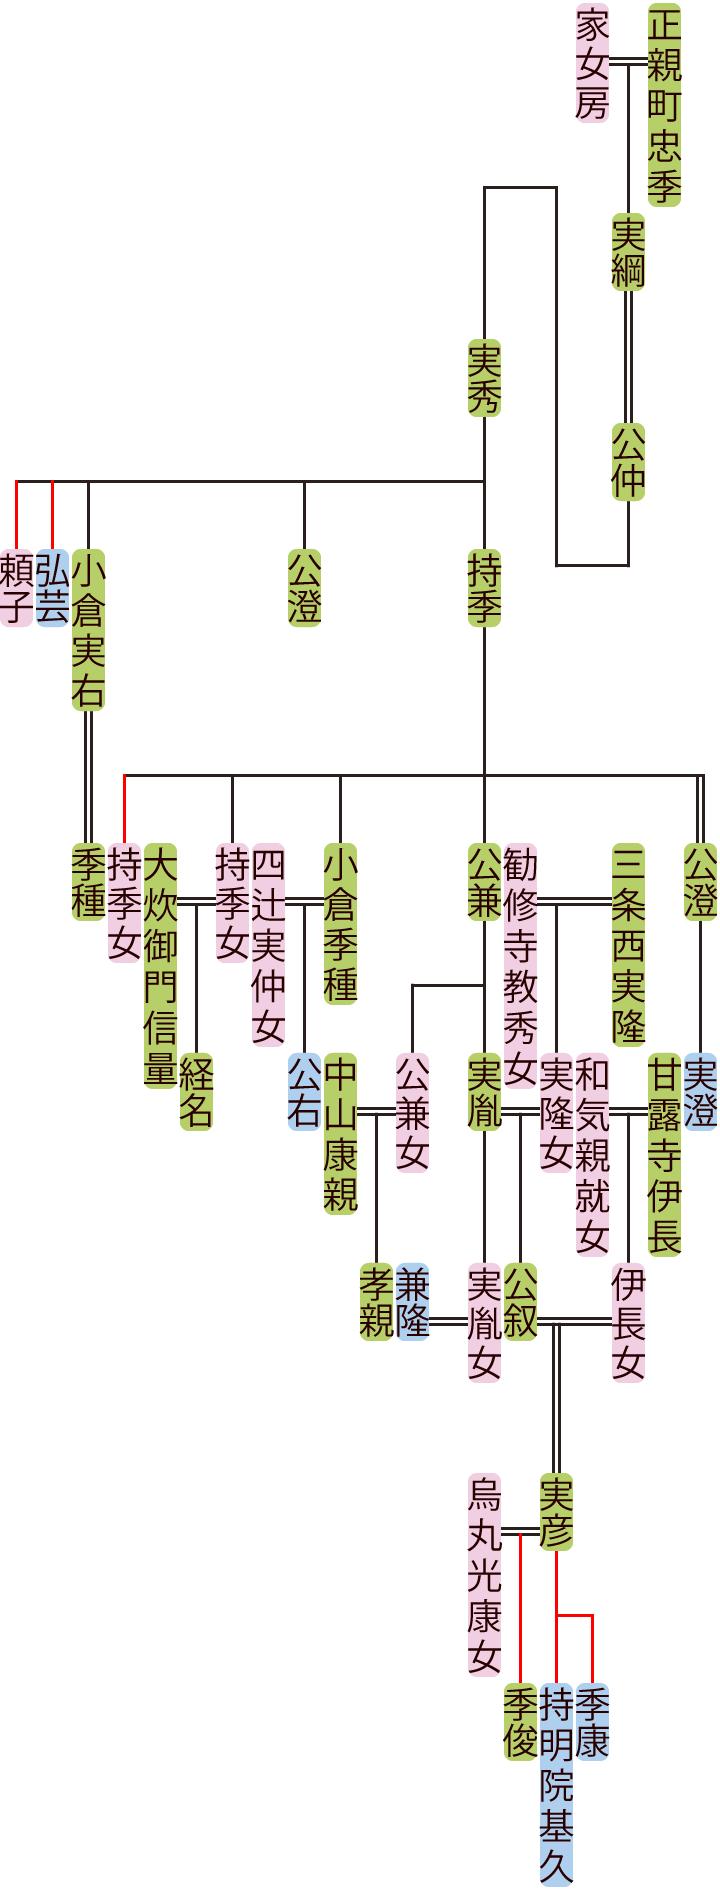 正親町公仲~公叙の系図